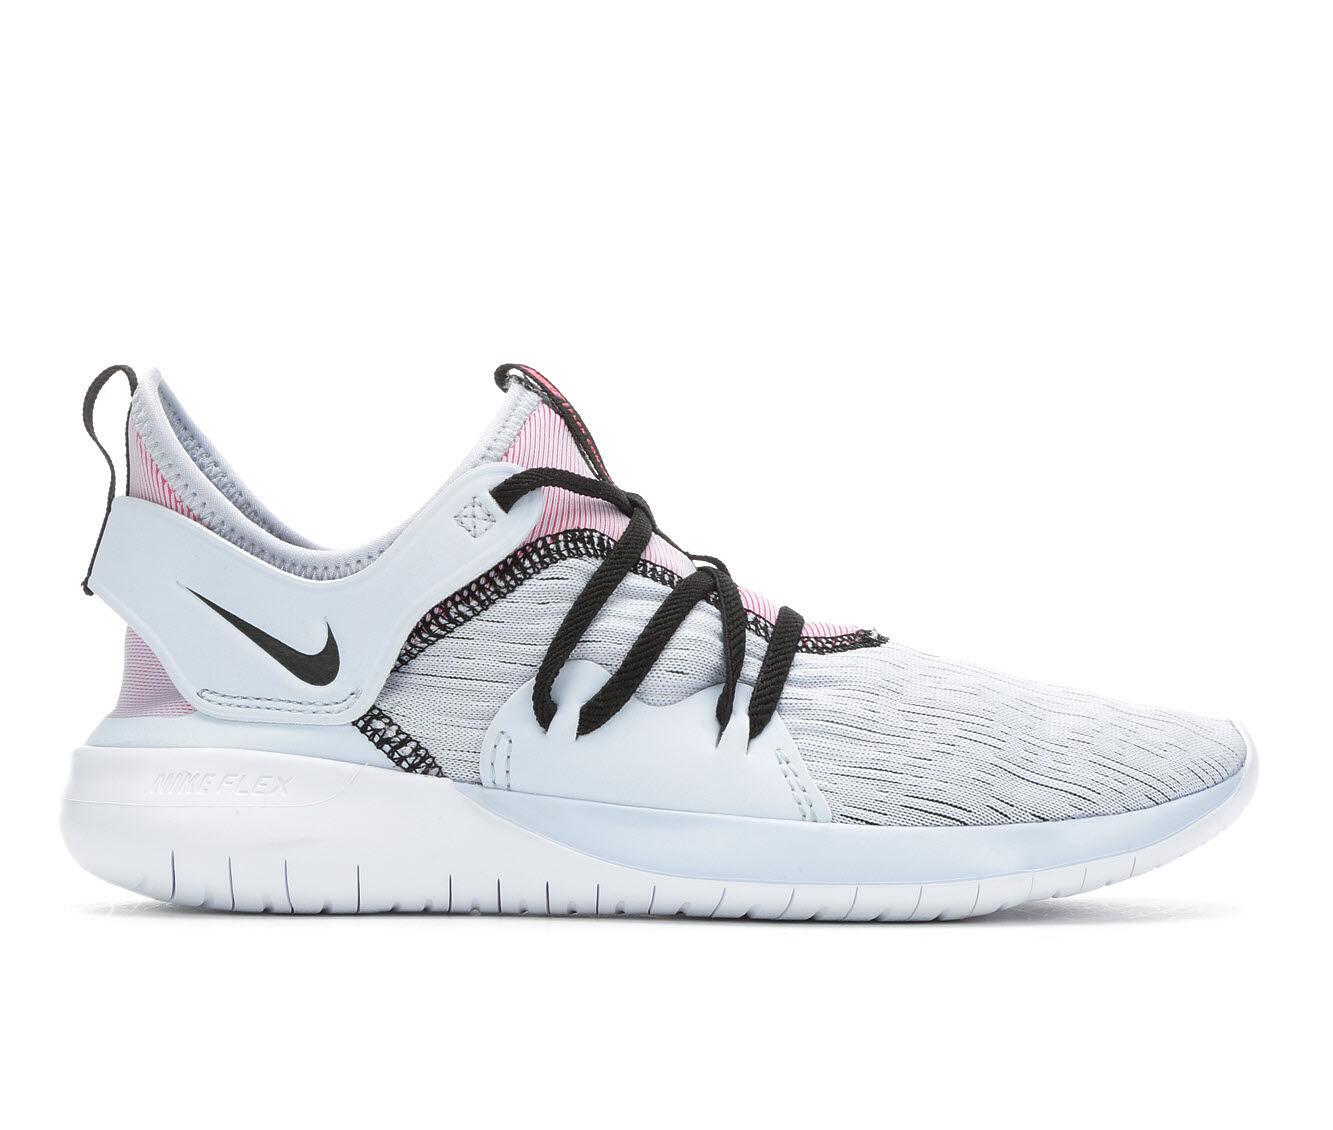 ShoesSneakers Nike Women's Nike Women's Women's ShoesSneakers ShoesSneakers Nike c4LA5j3RqS